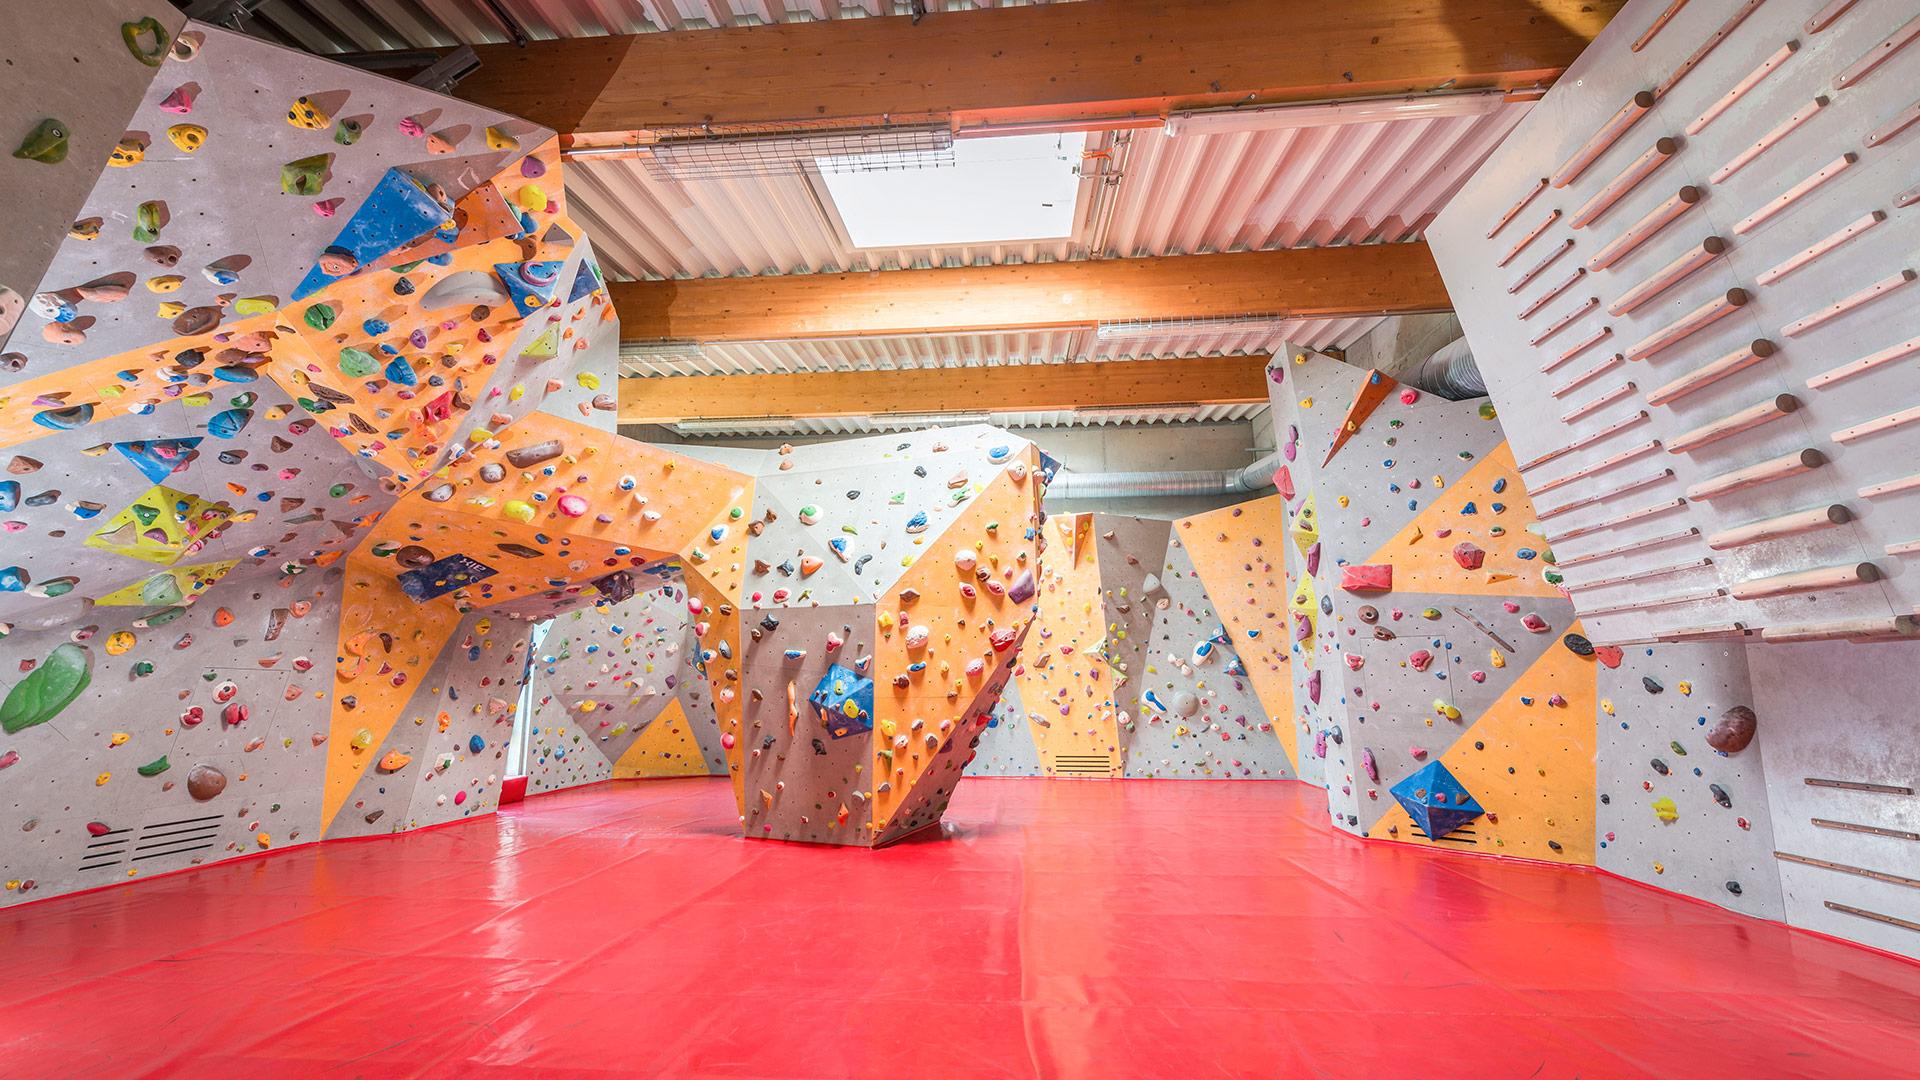 Kletterausrüstung Würzburg : Dav kletterzentrum würzburg u kletter und boulderspaß pur